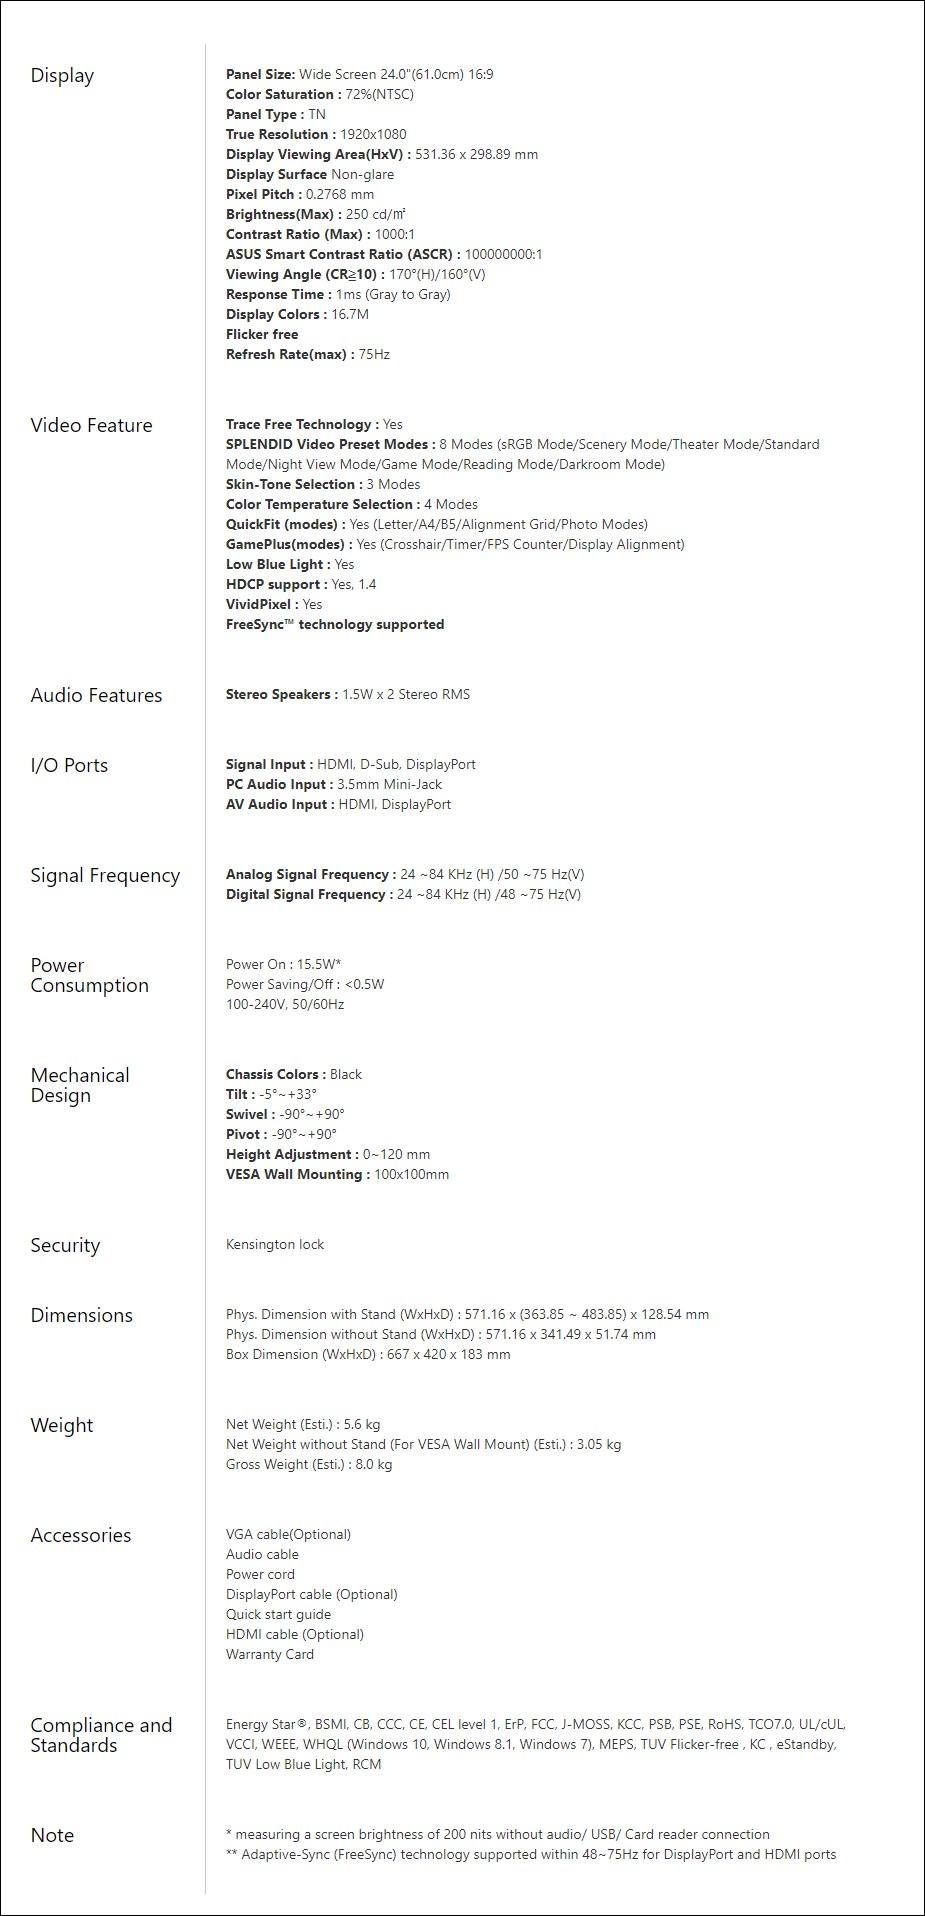 asus-vp248qgl-24-75hz-full-hd-1ms-freesync-tn-gaming-monitor-ac27428-5.jpg